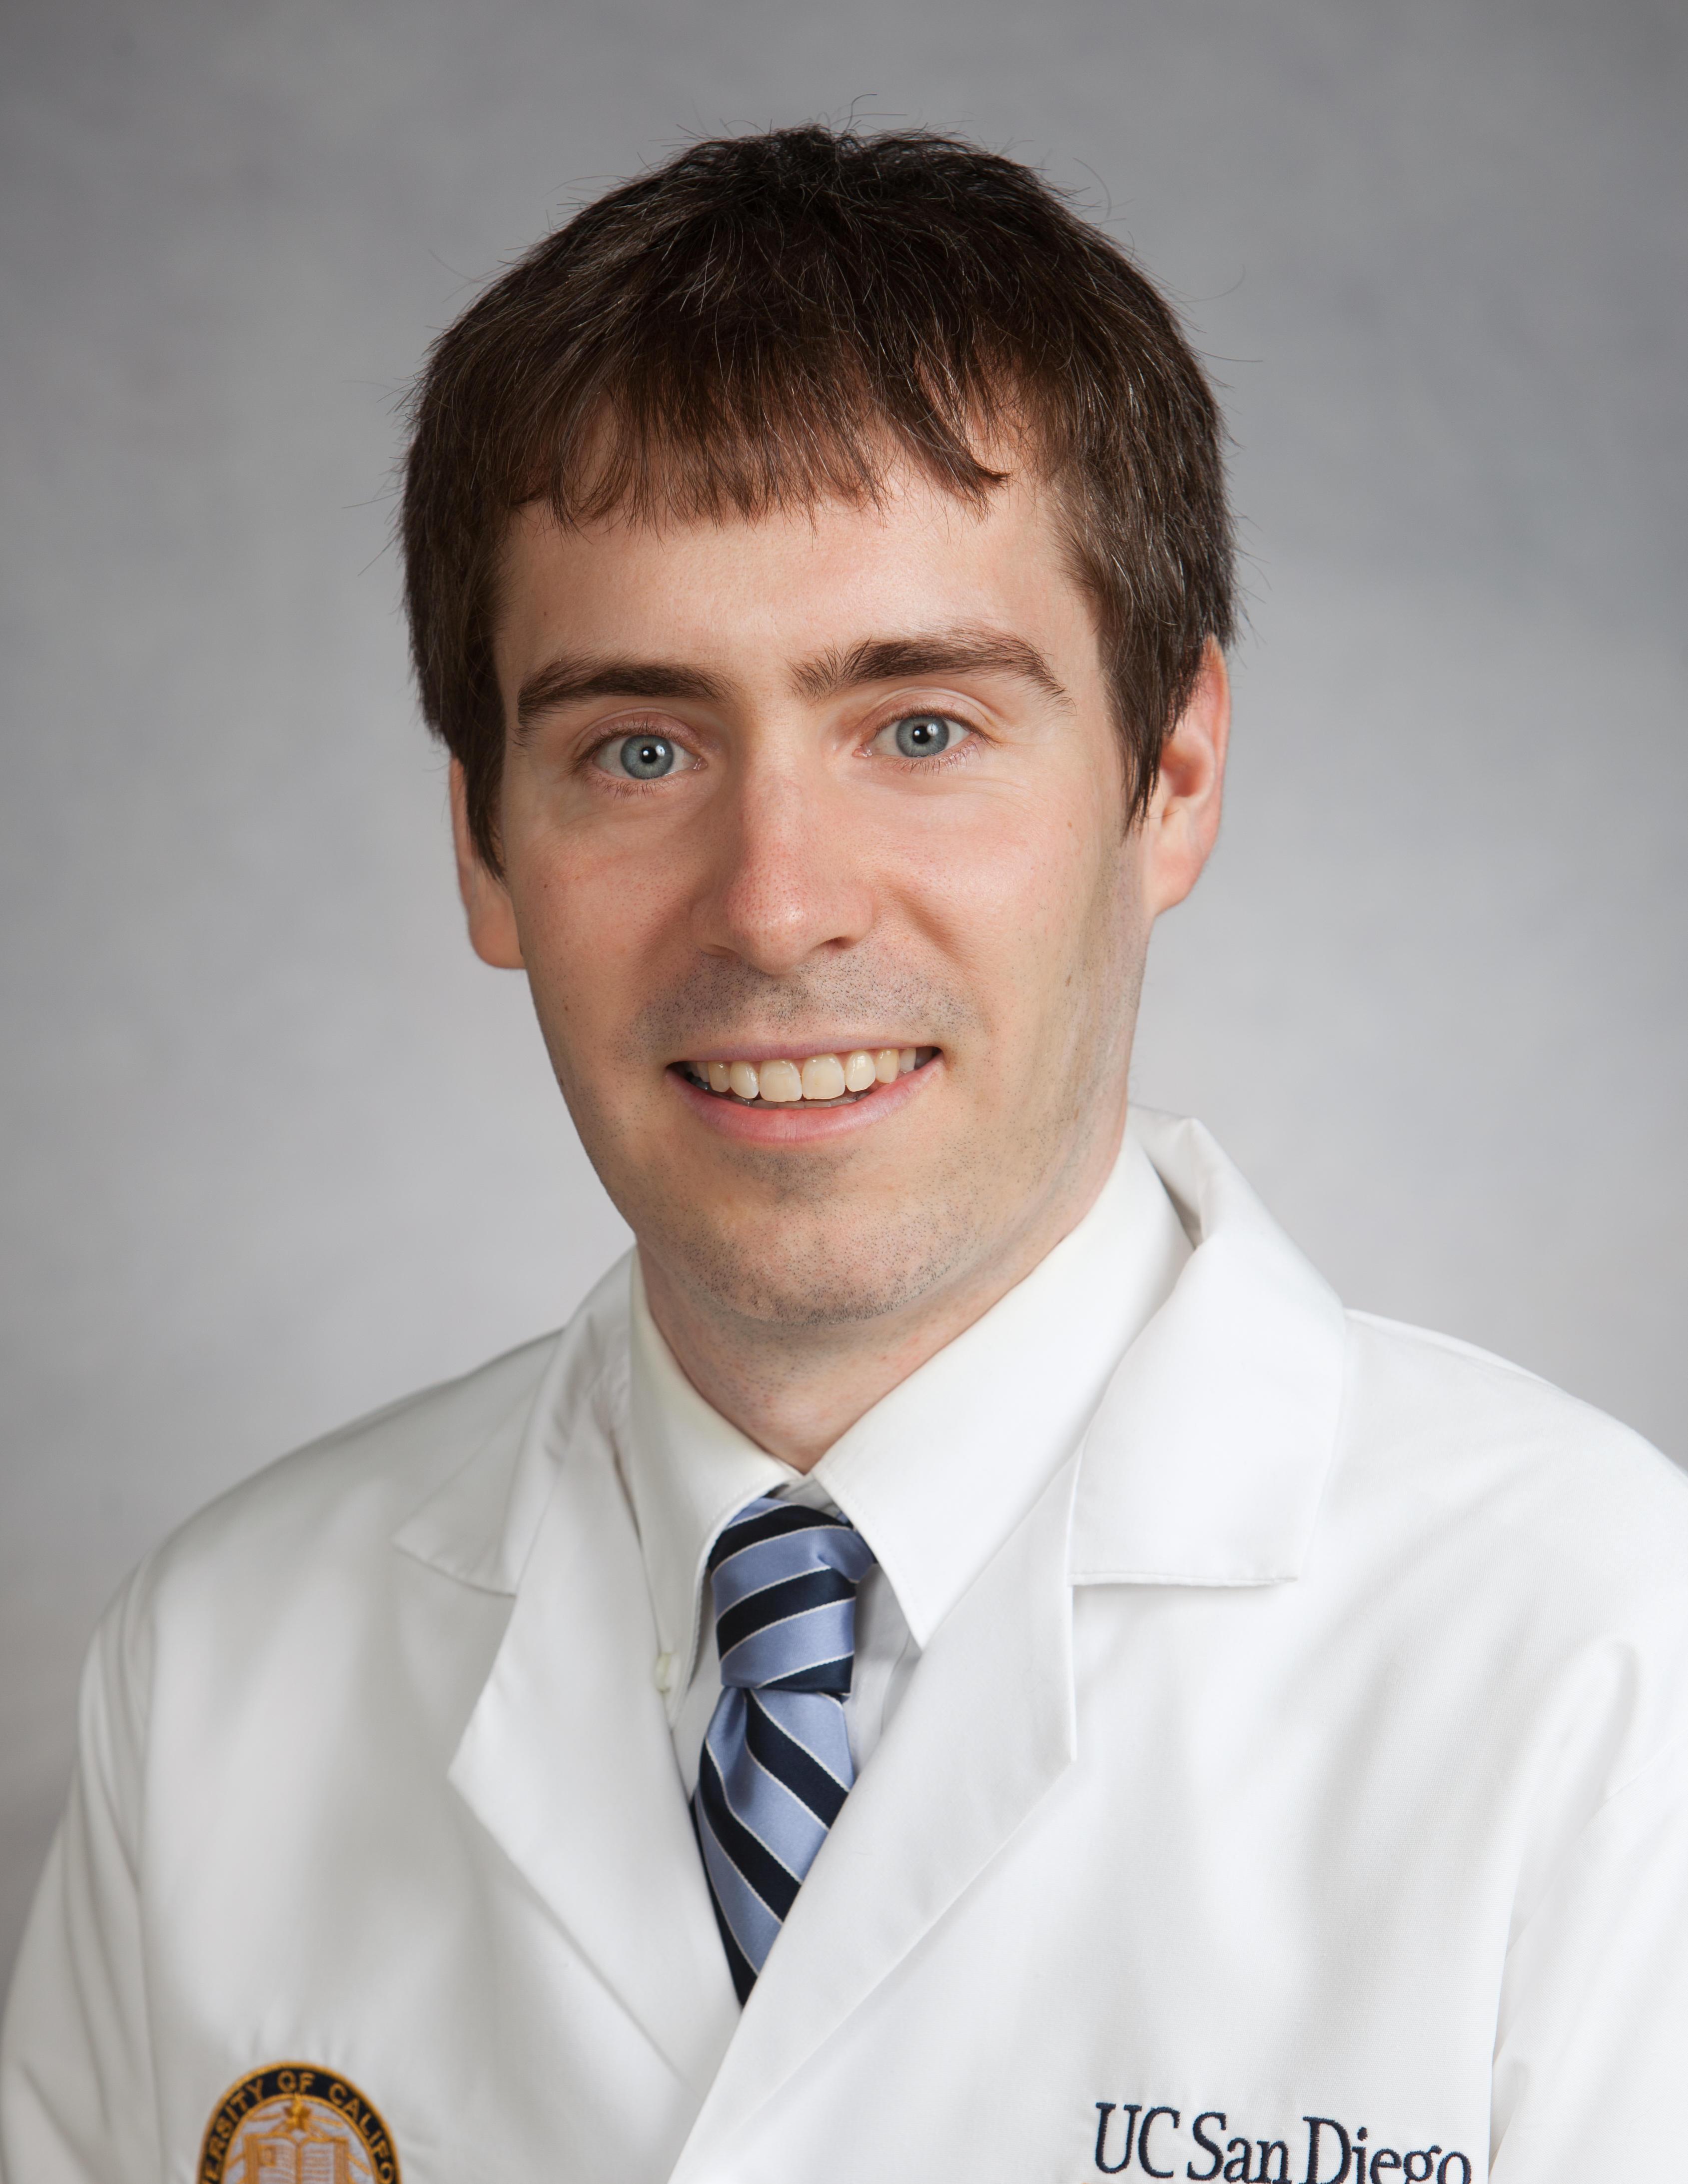 Kurtis Lindeman, MD